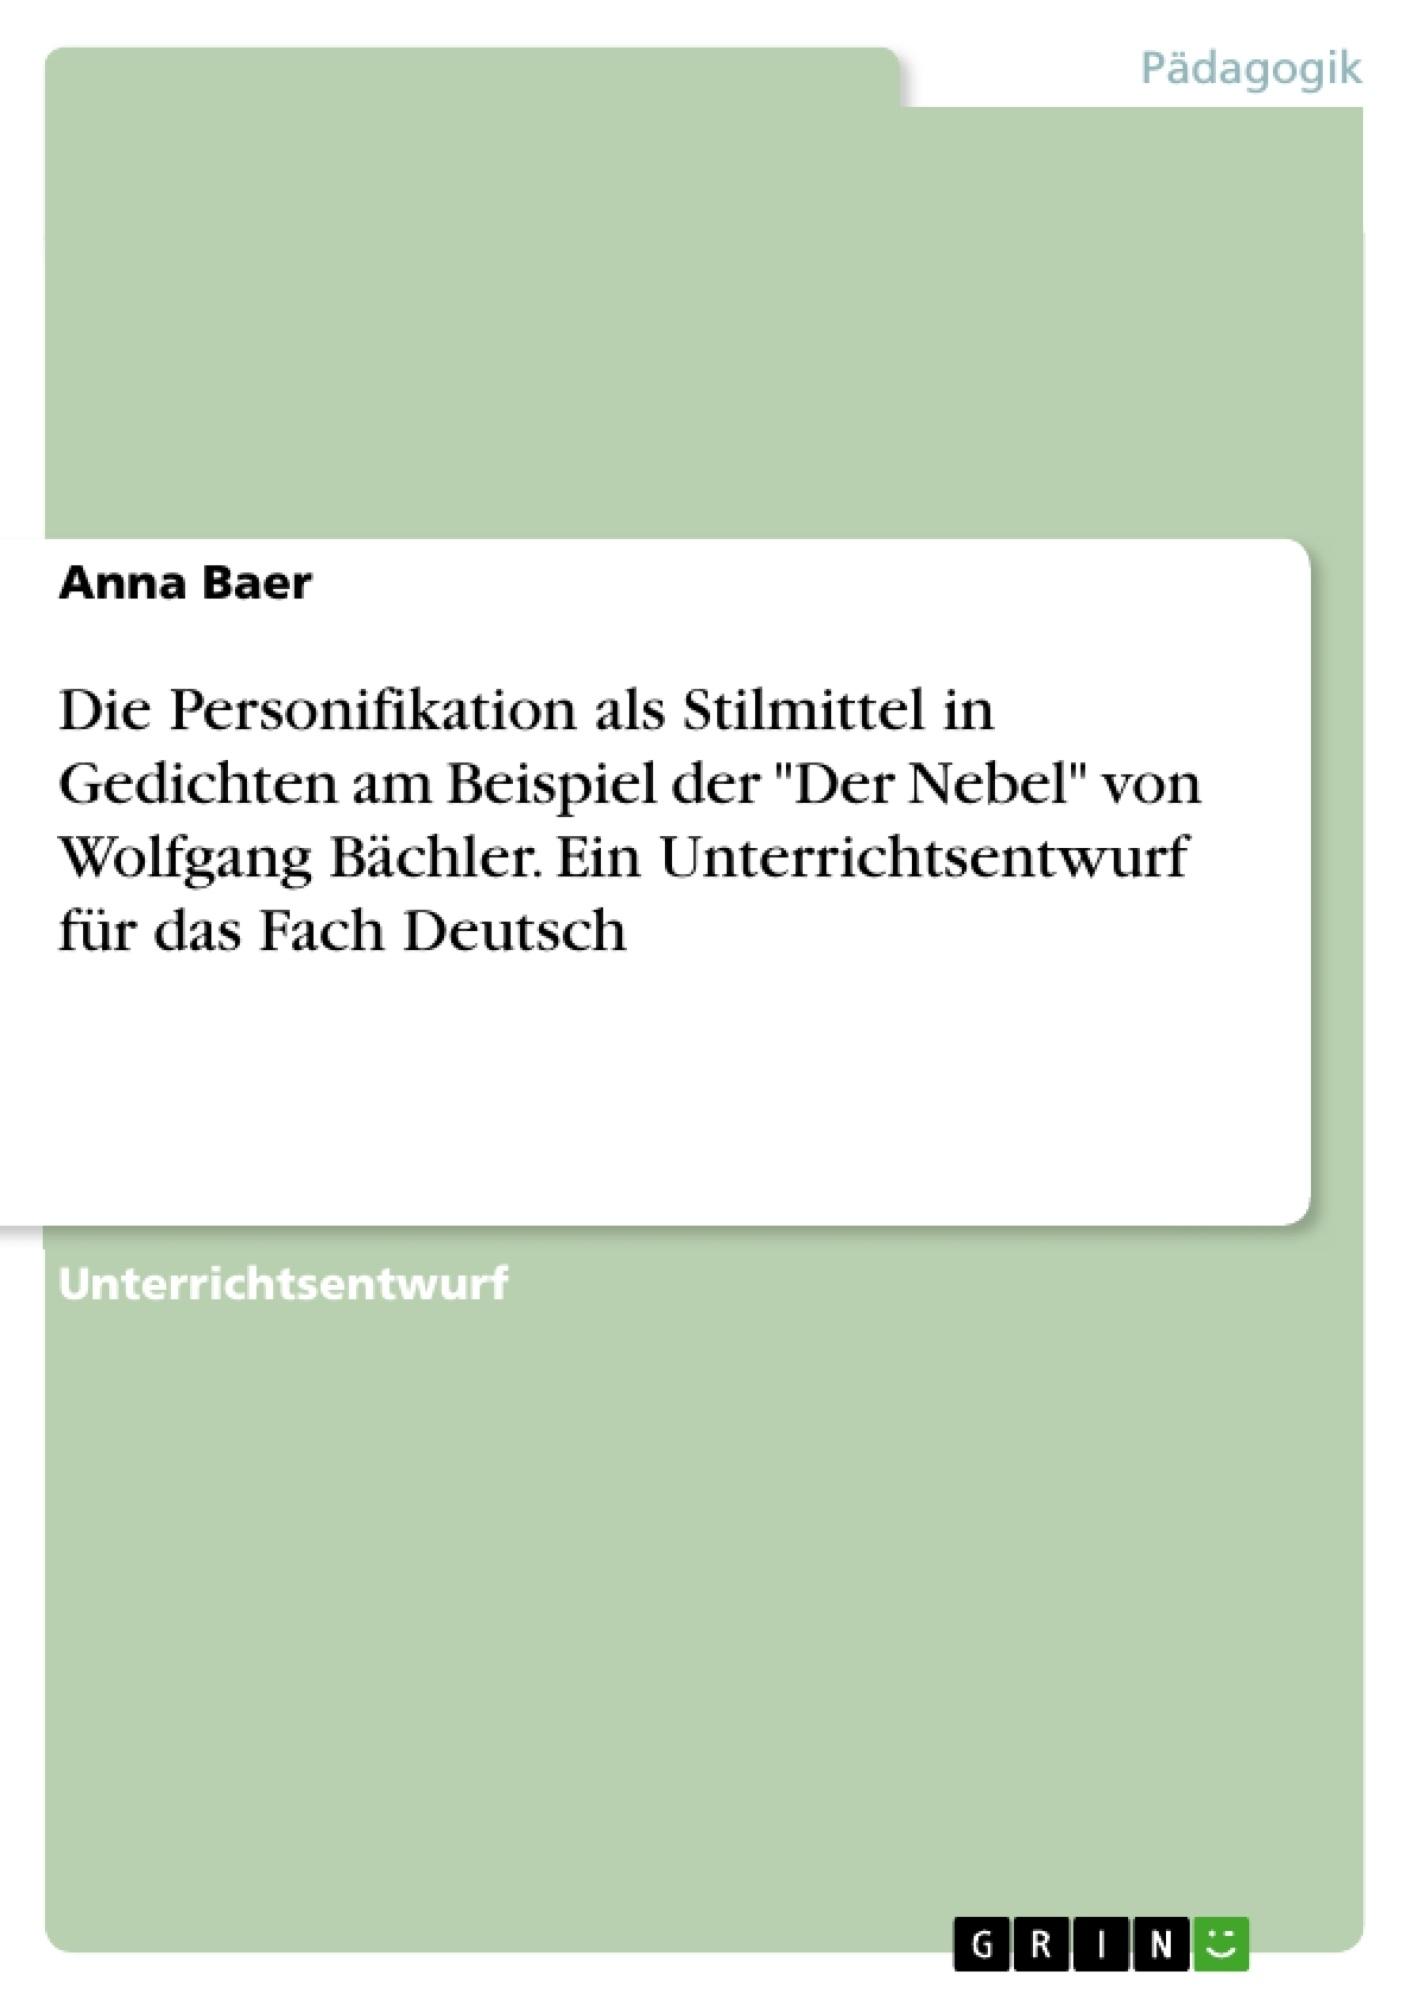 """Titel: Die Personifikation als Stilmittel in Gedichten am Beispiel der """"Der Nebel"""" von Wolfgang Bächler. Ein Unterrichtsentwurf für das Fach Deutsch"""